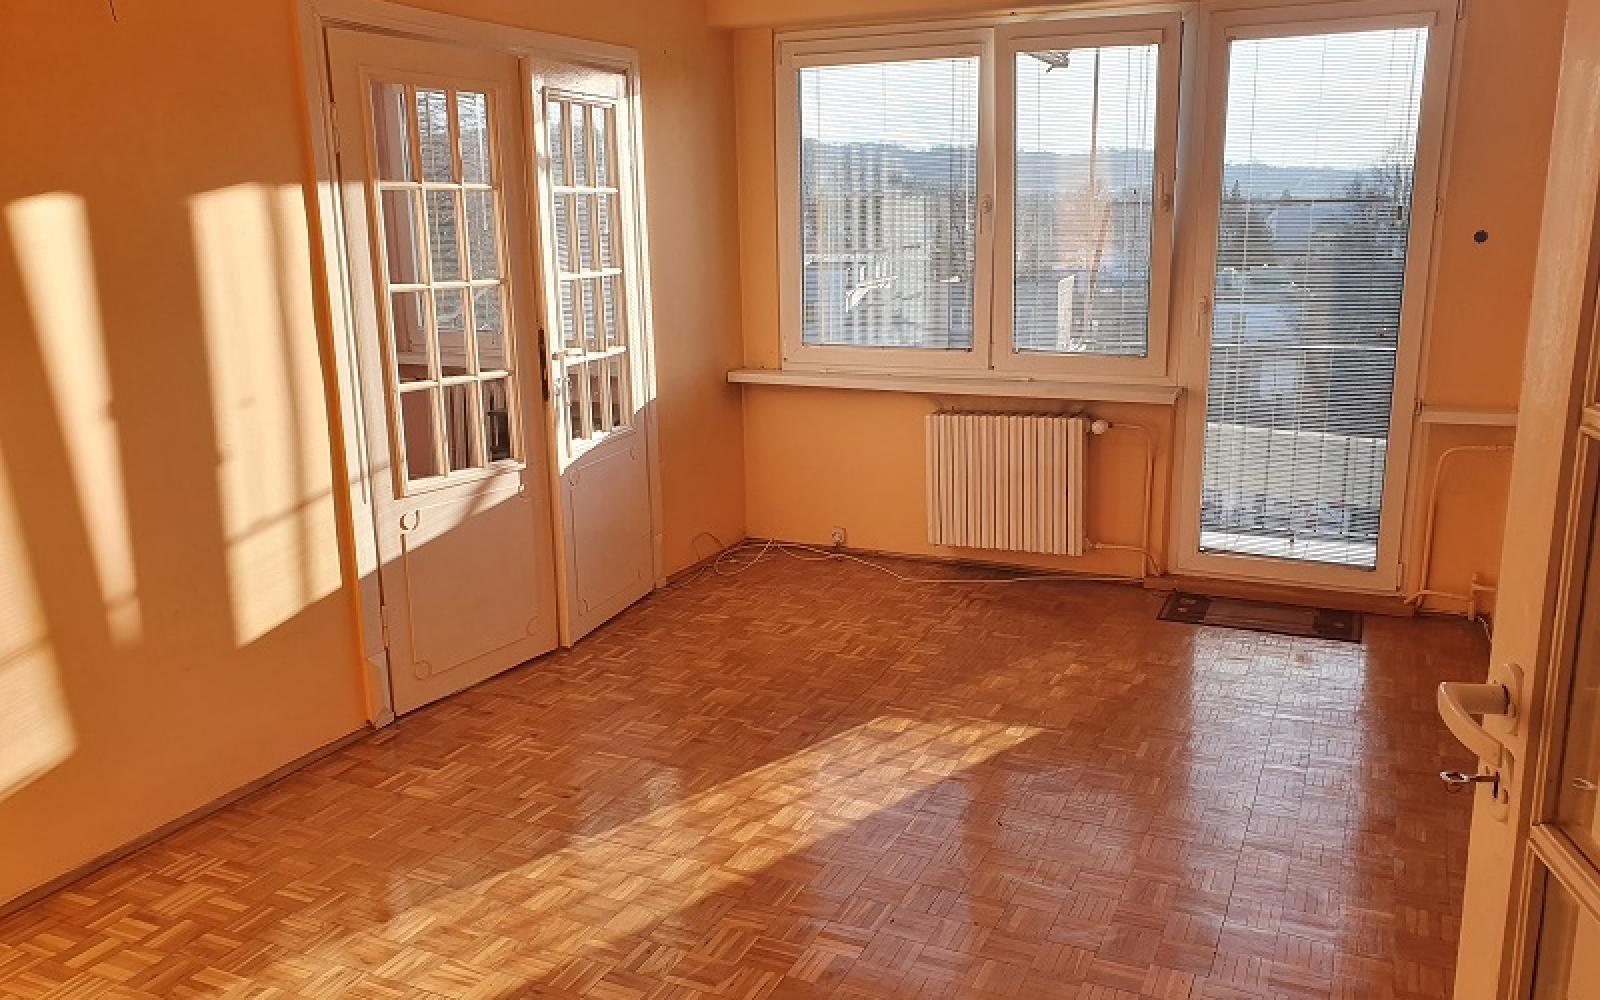 2 Bedrooms Bedrooms, 3 Rooms Rooms,1 BathroomBathrooms,Mieszkania,Sprzedaż,1044